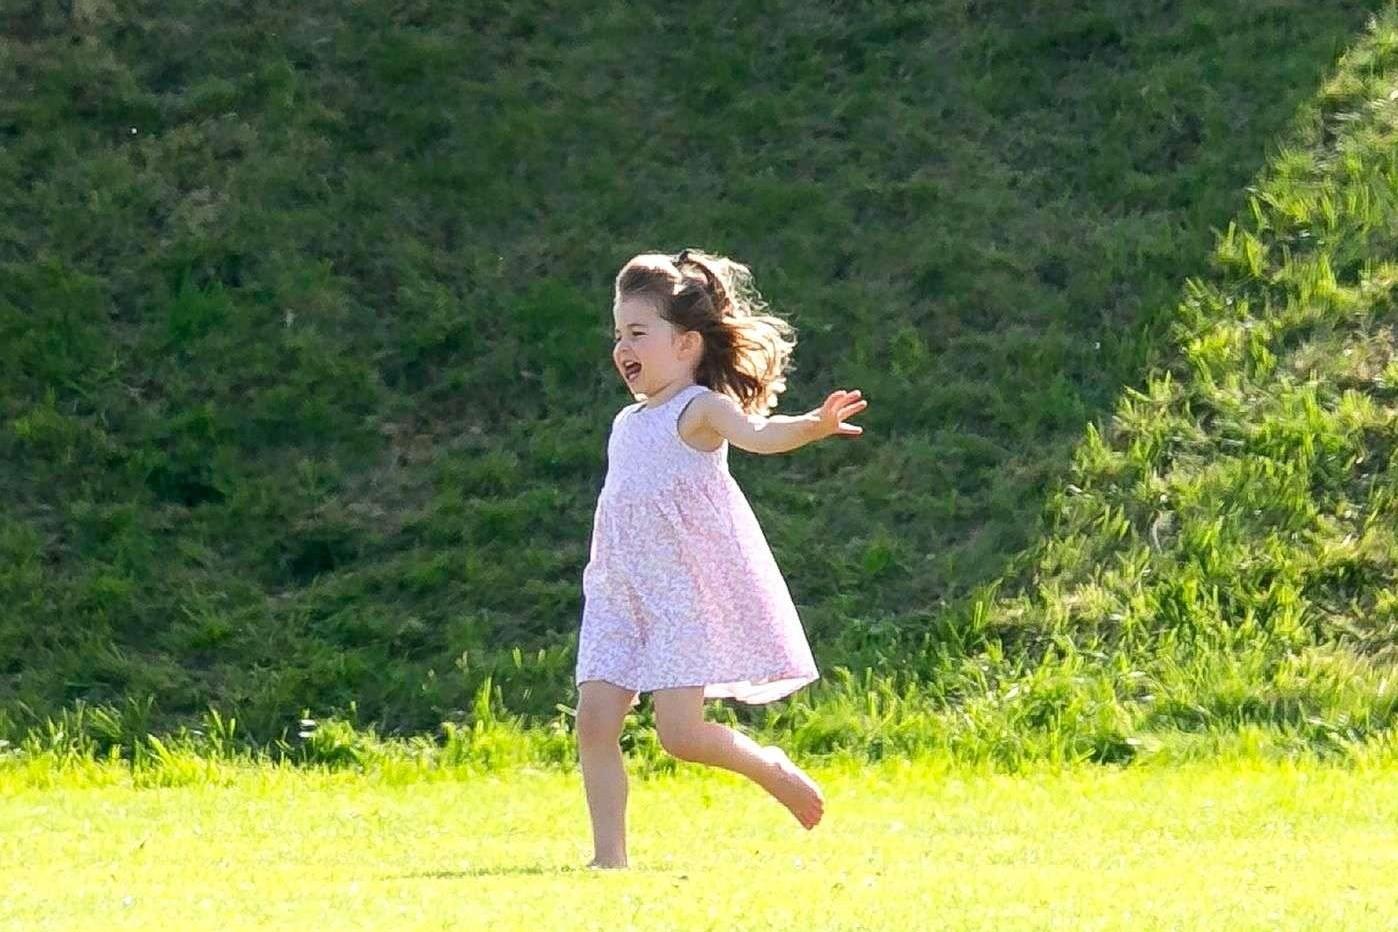 La princesse Charlotte gambade les cheveux dans le vent sur la pelouse